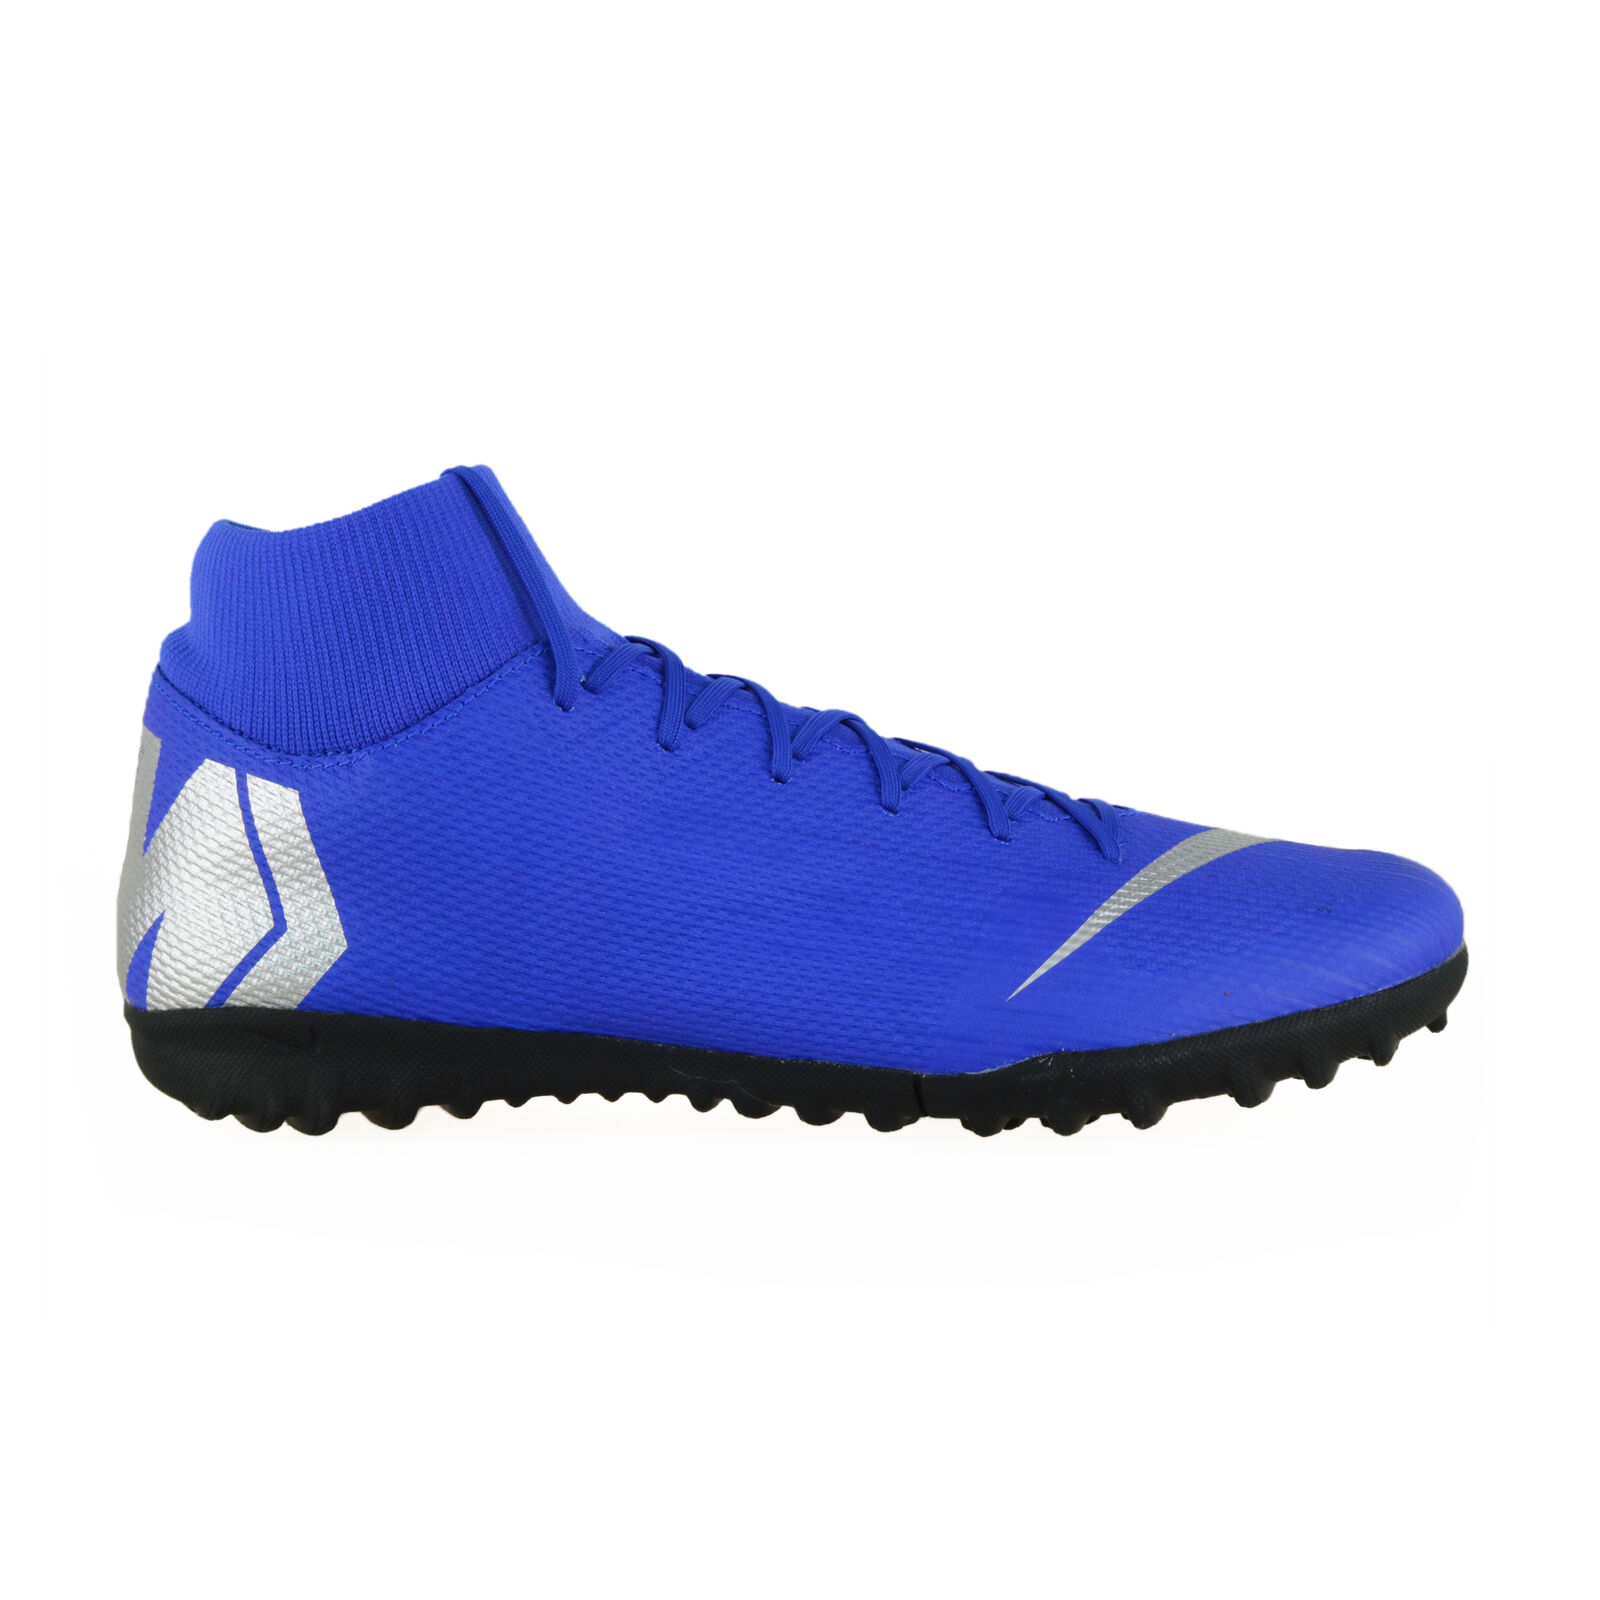 Nike mercurialx súperfly vi 6 Academy TF azul plata ah7370-400